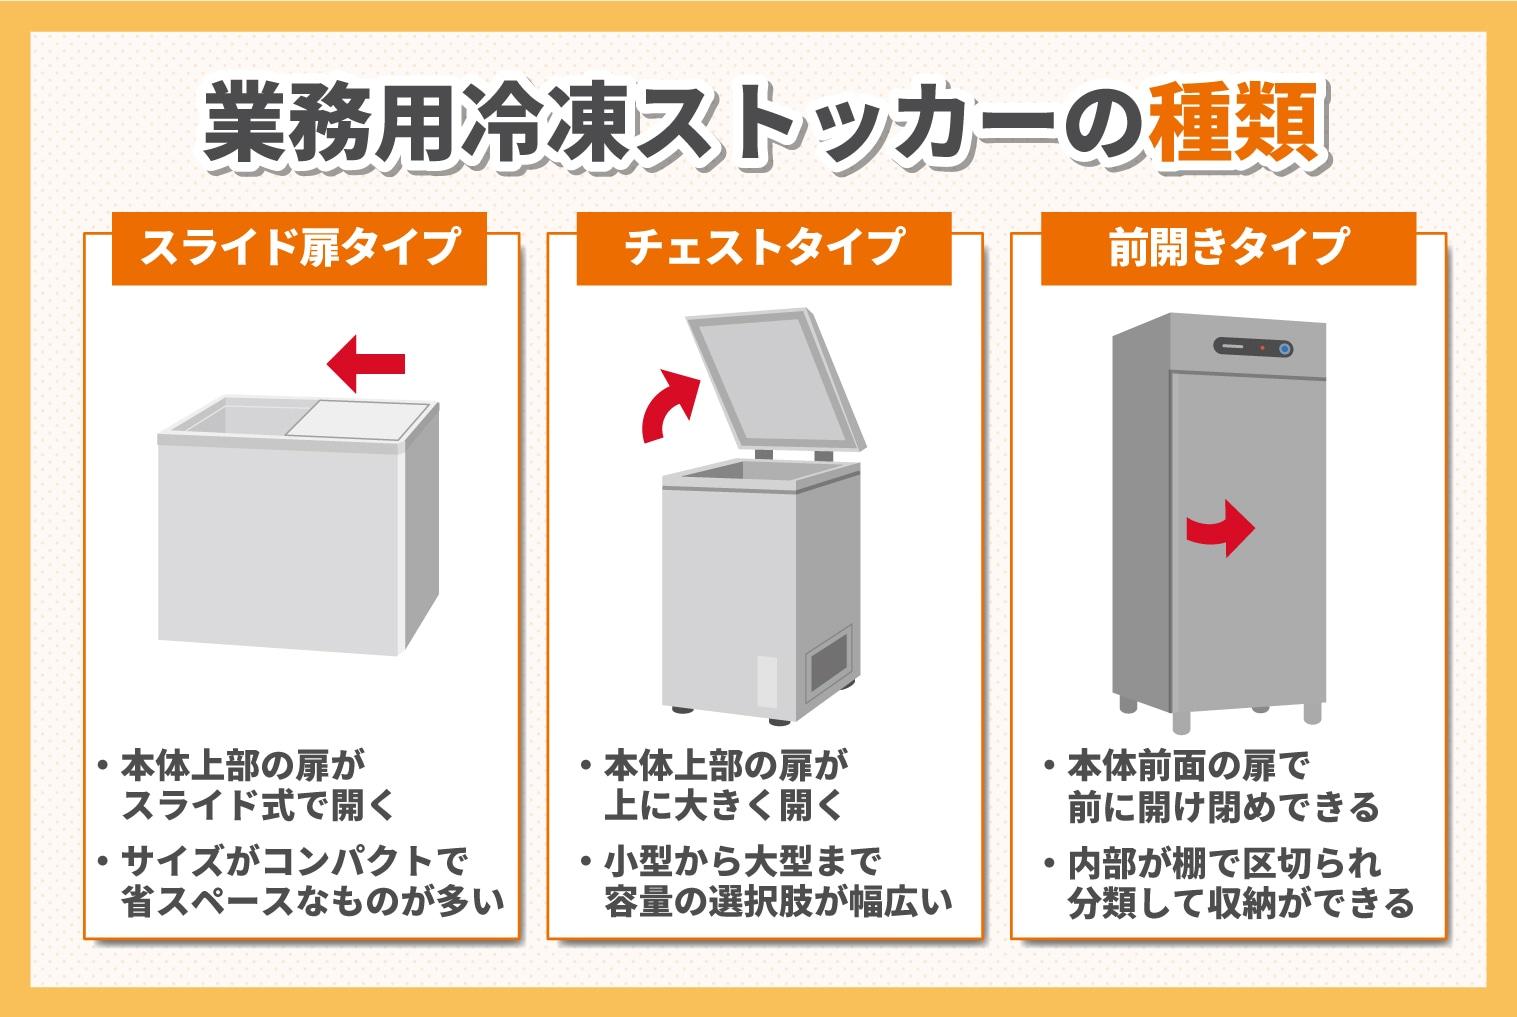 業務用冷凍ストッカーの種類